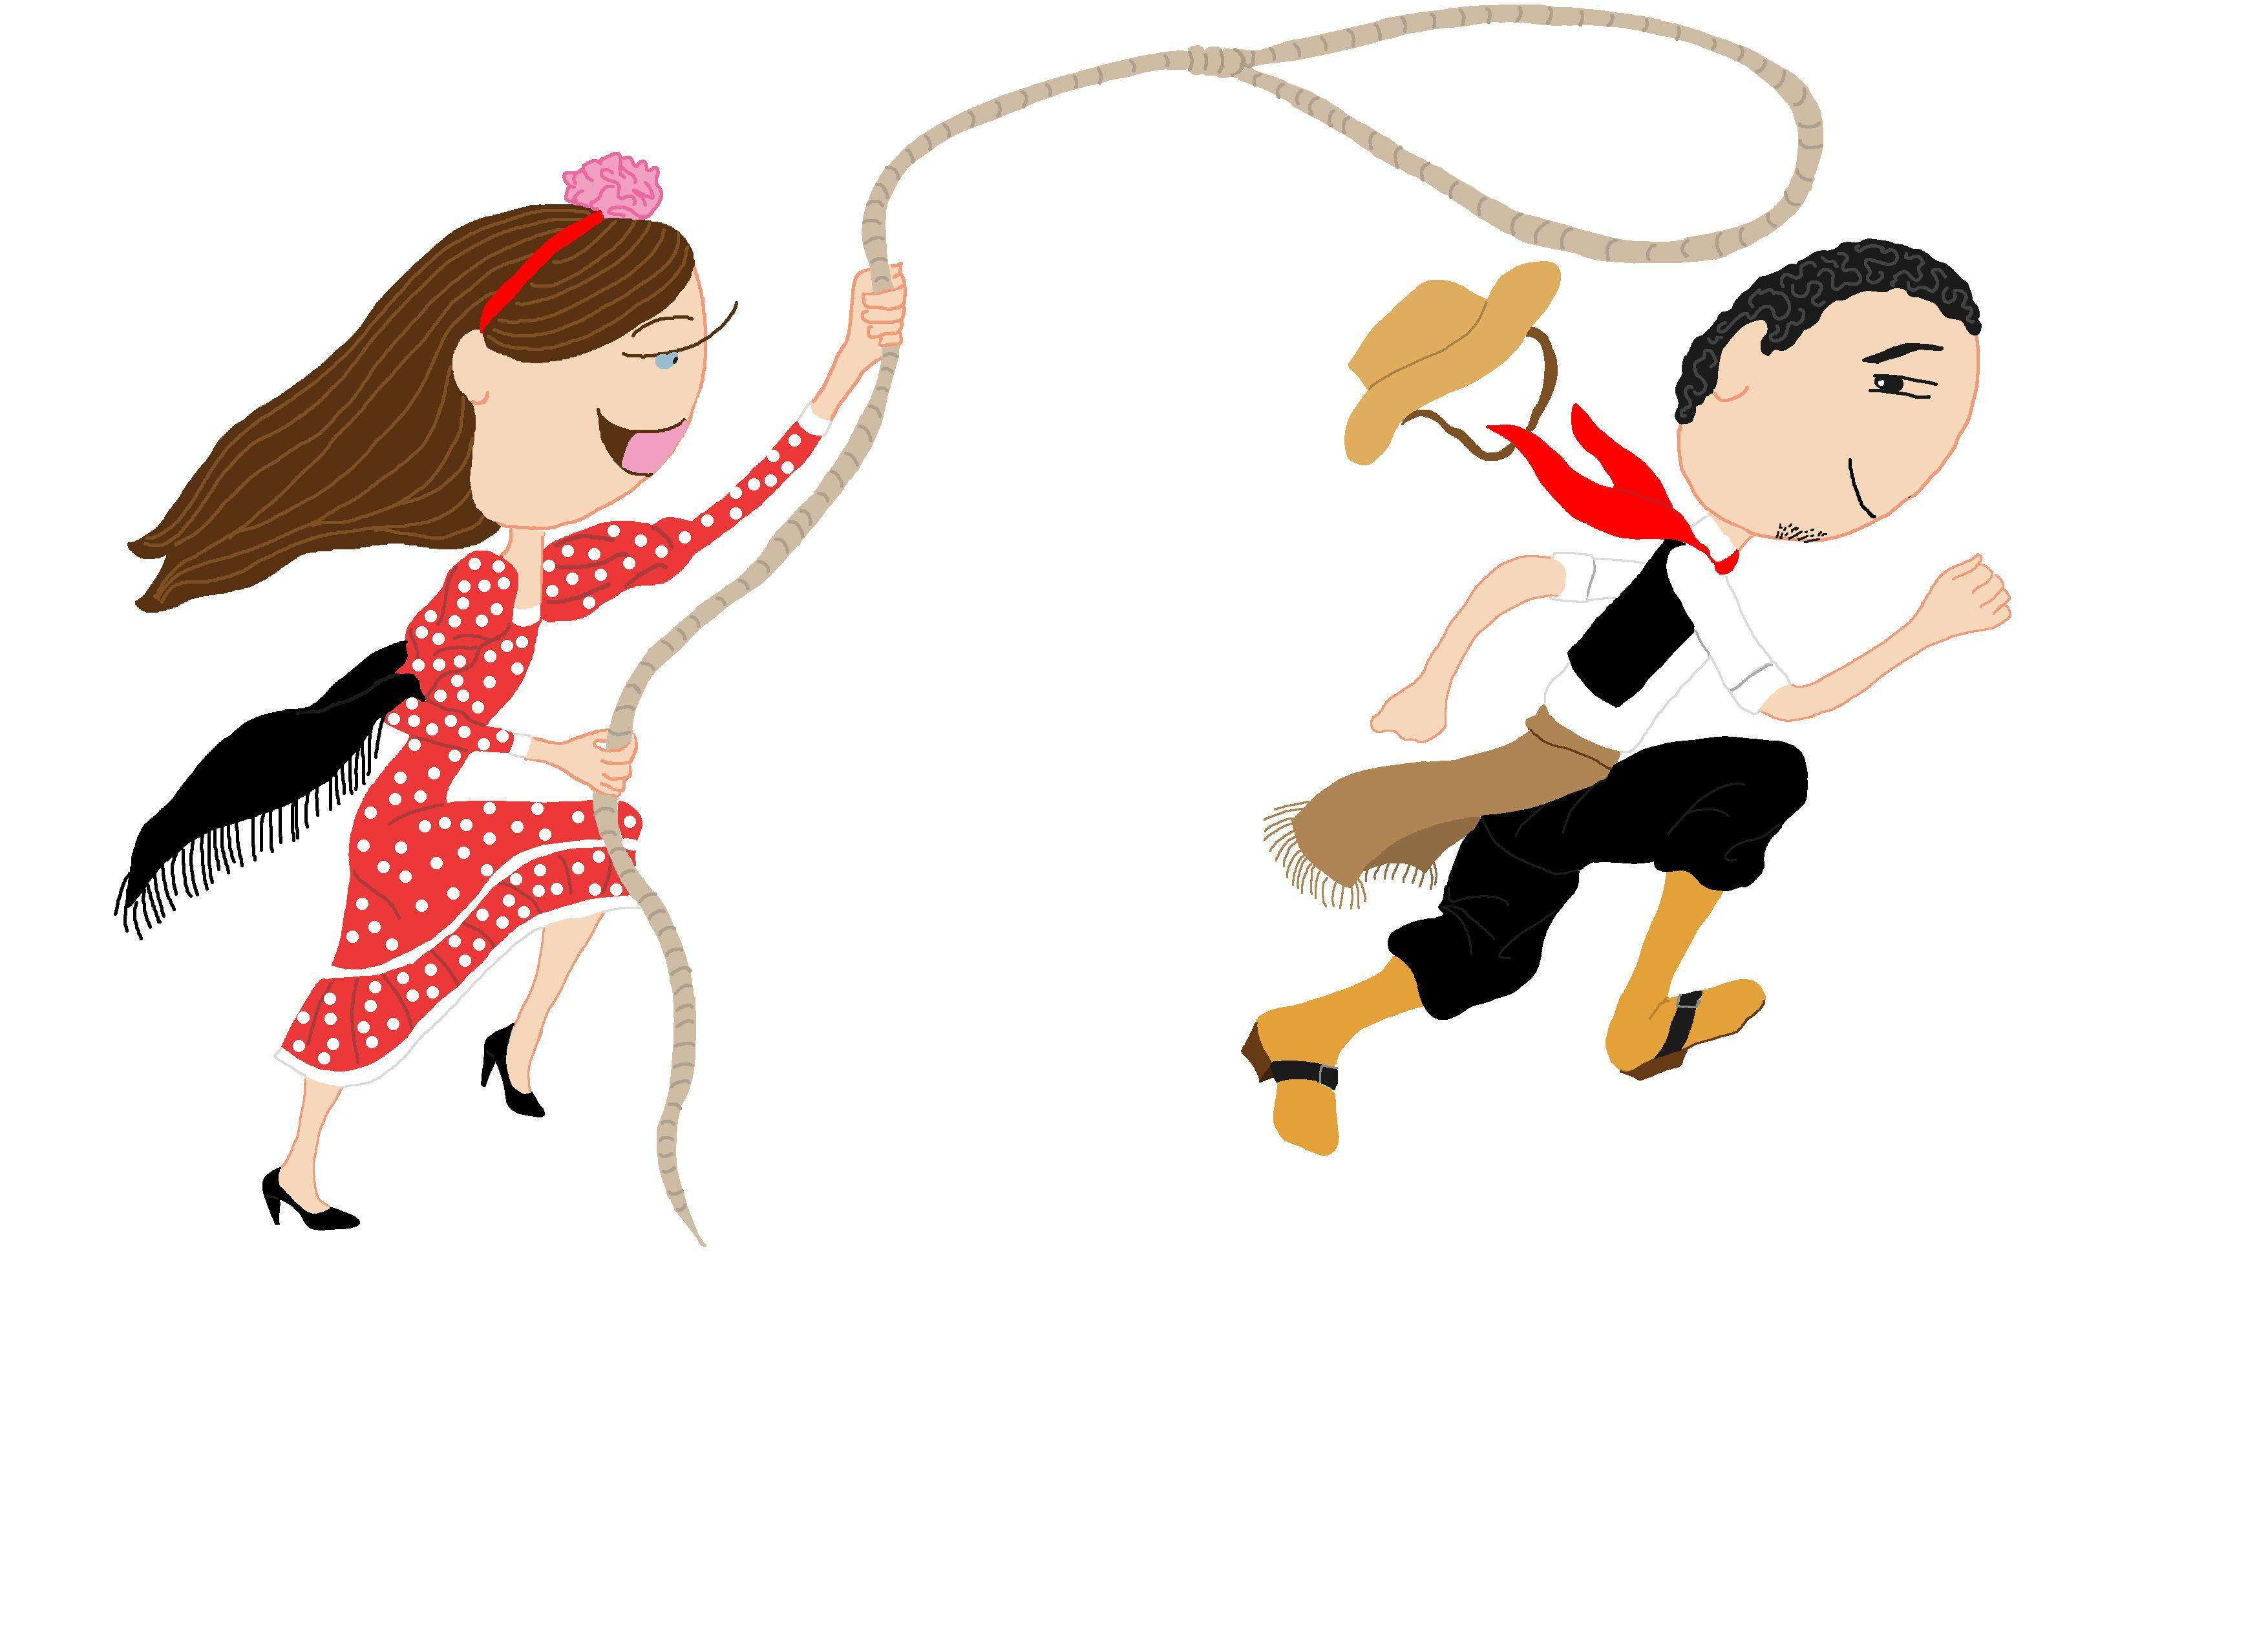 Invitaciones de casamiento originales y divertidas argentina en hd invitaciones de casamiento originales y divertidas argentina en hd gratis 2 hd wallpapers thecheapjerseys Choice Image